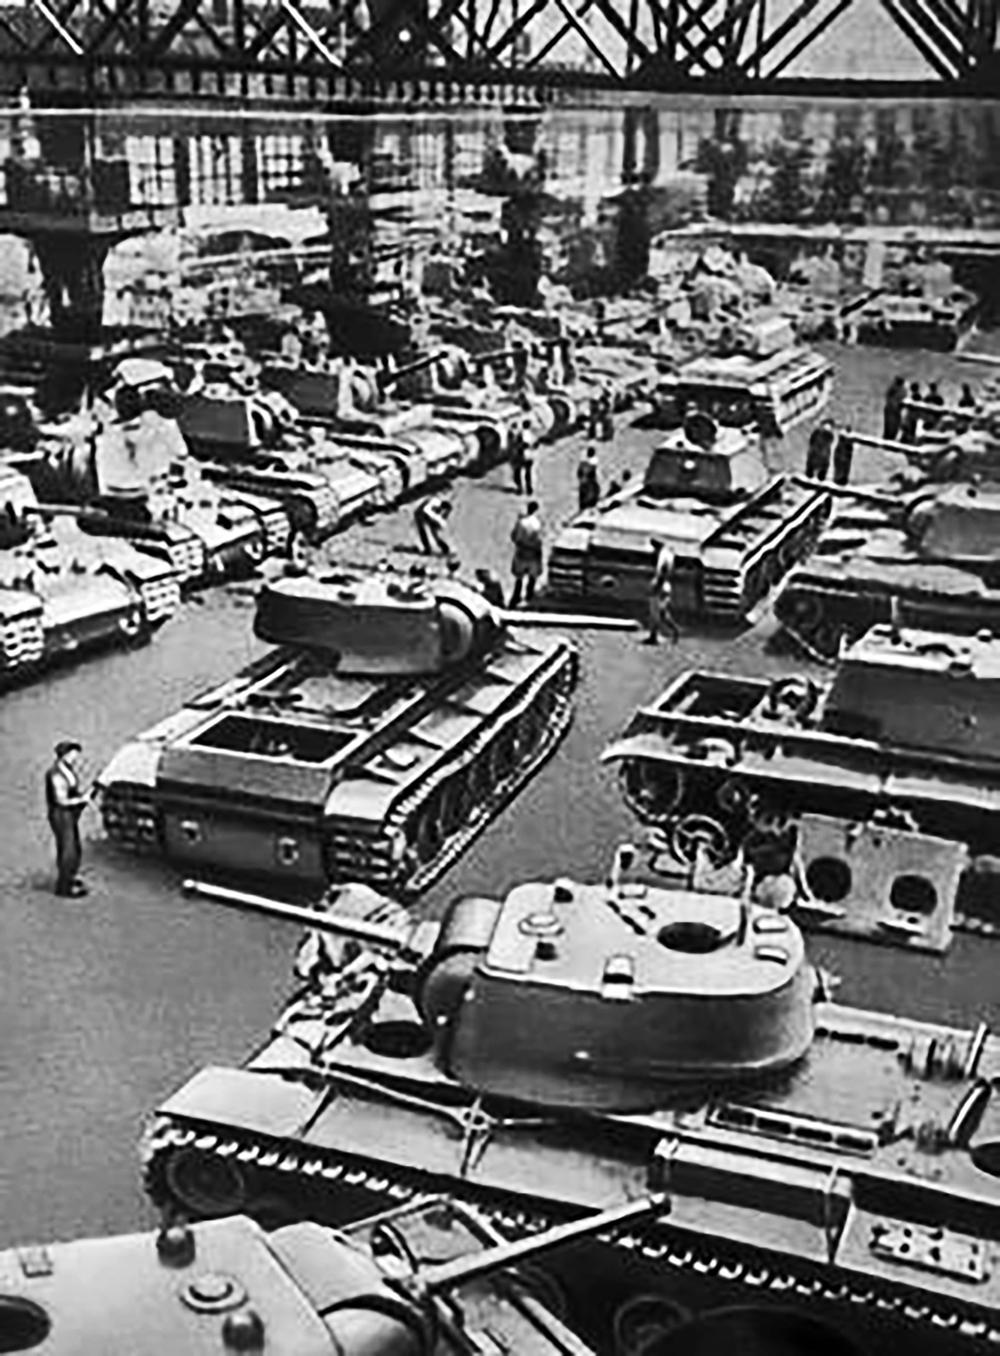 T34 tanks.